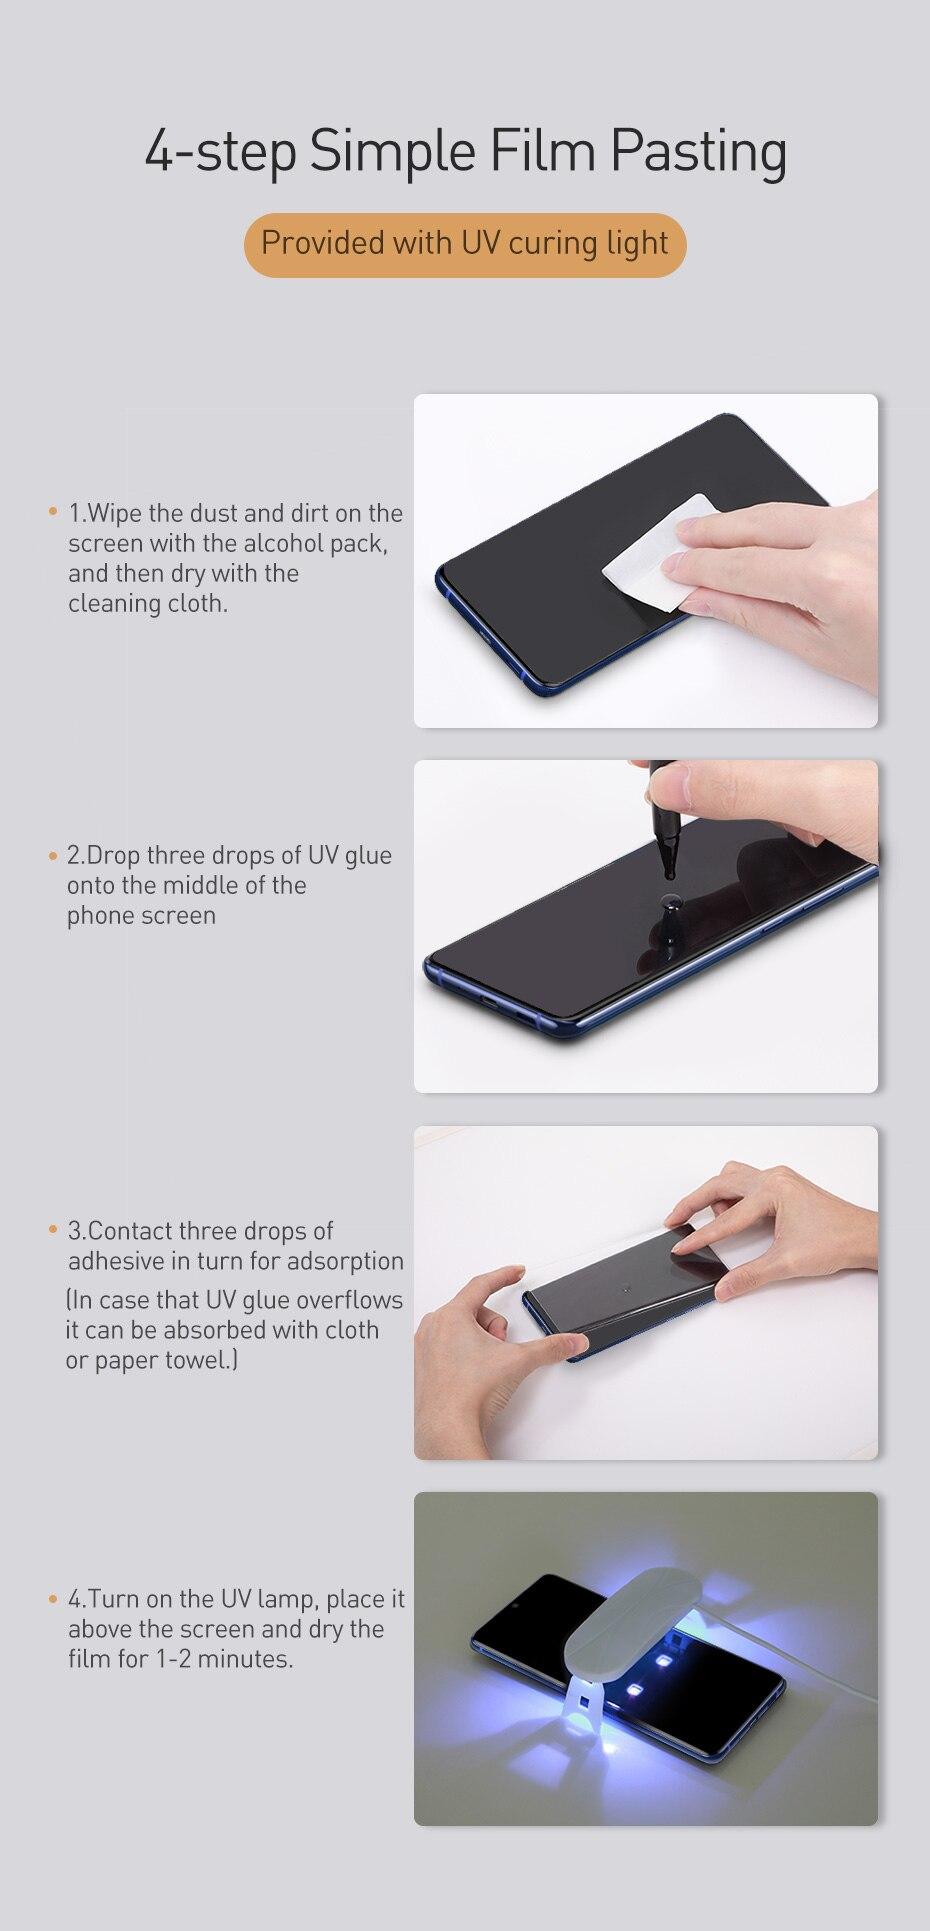 Bộ 2 miếng dán màn hình kính cường lực Full 3D chống tia UV cho Samsung Galaxy S20 - S20 Plus - S20 Ultra hiệu Baseus